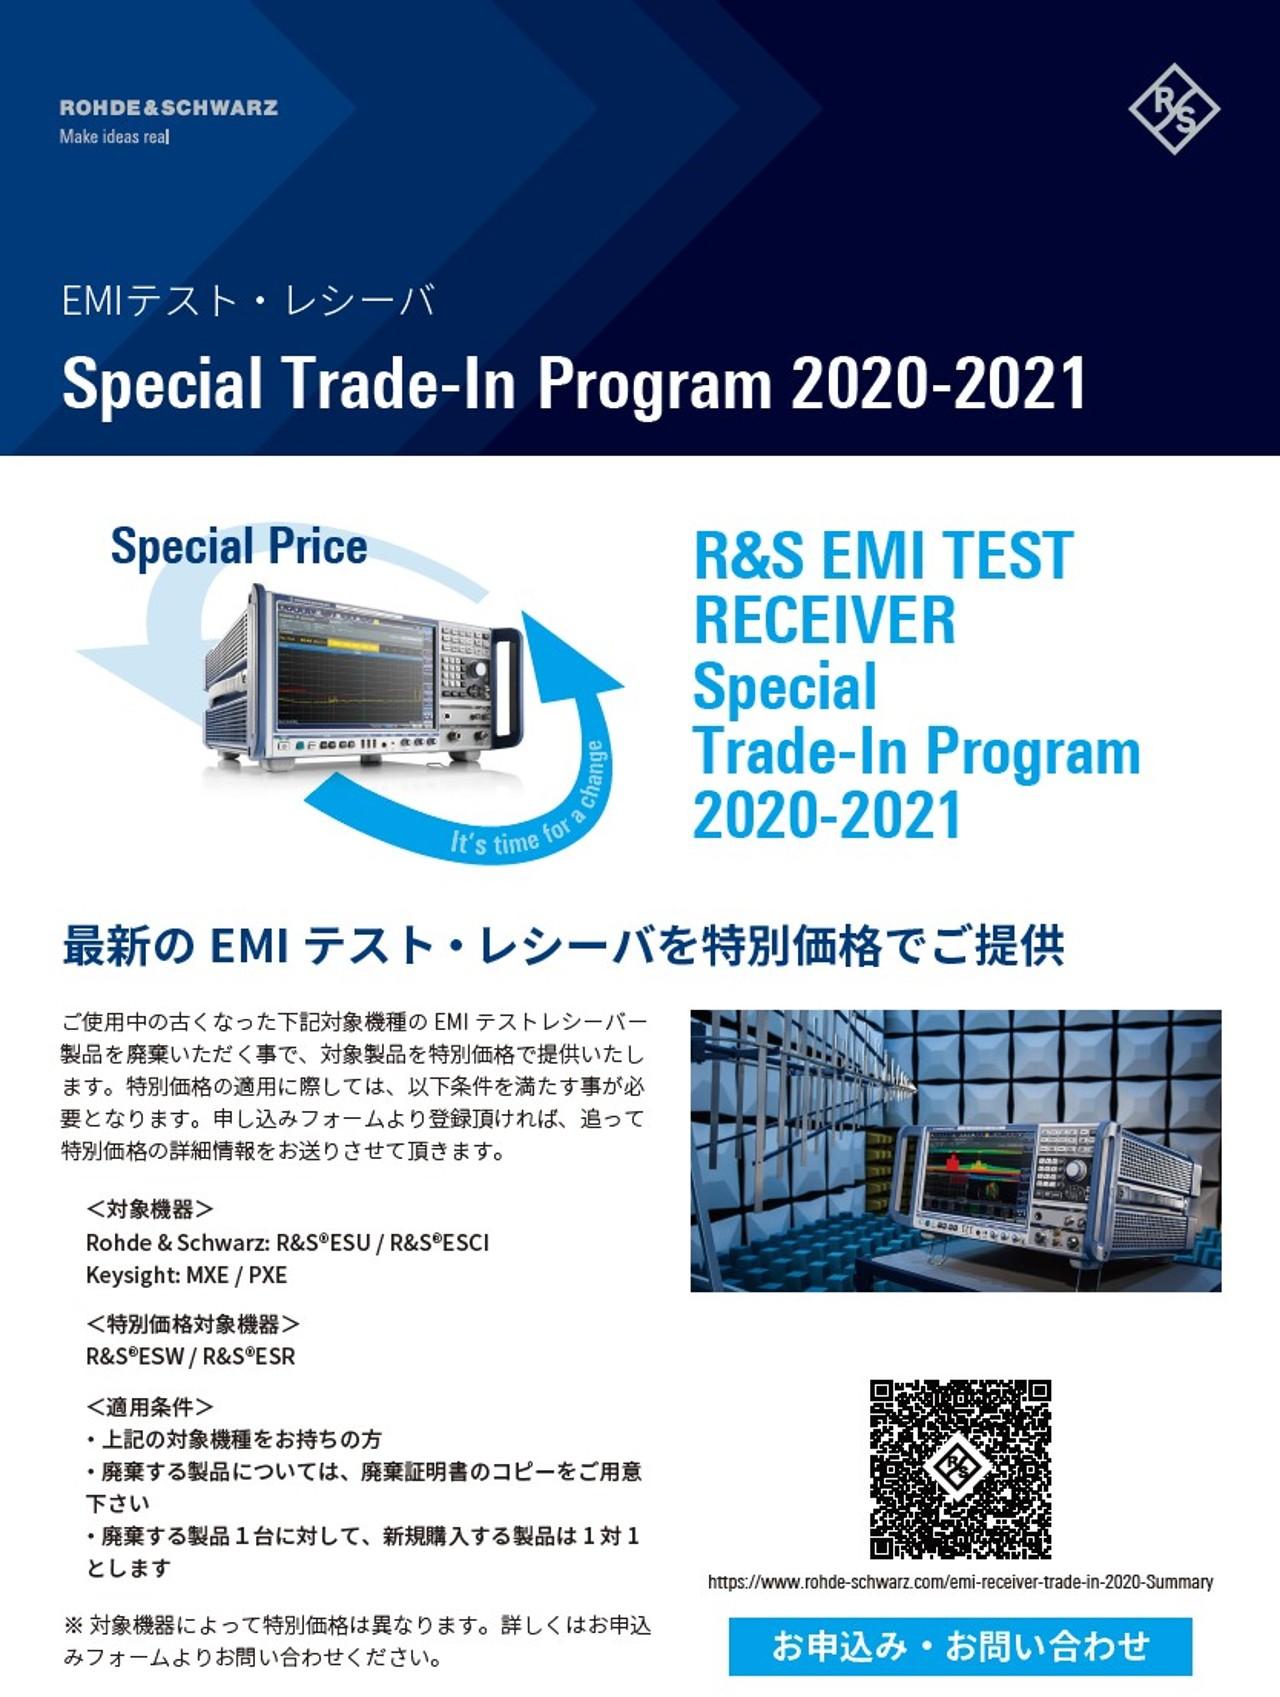 trade-in_program_image